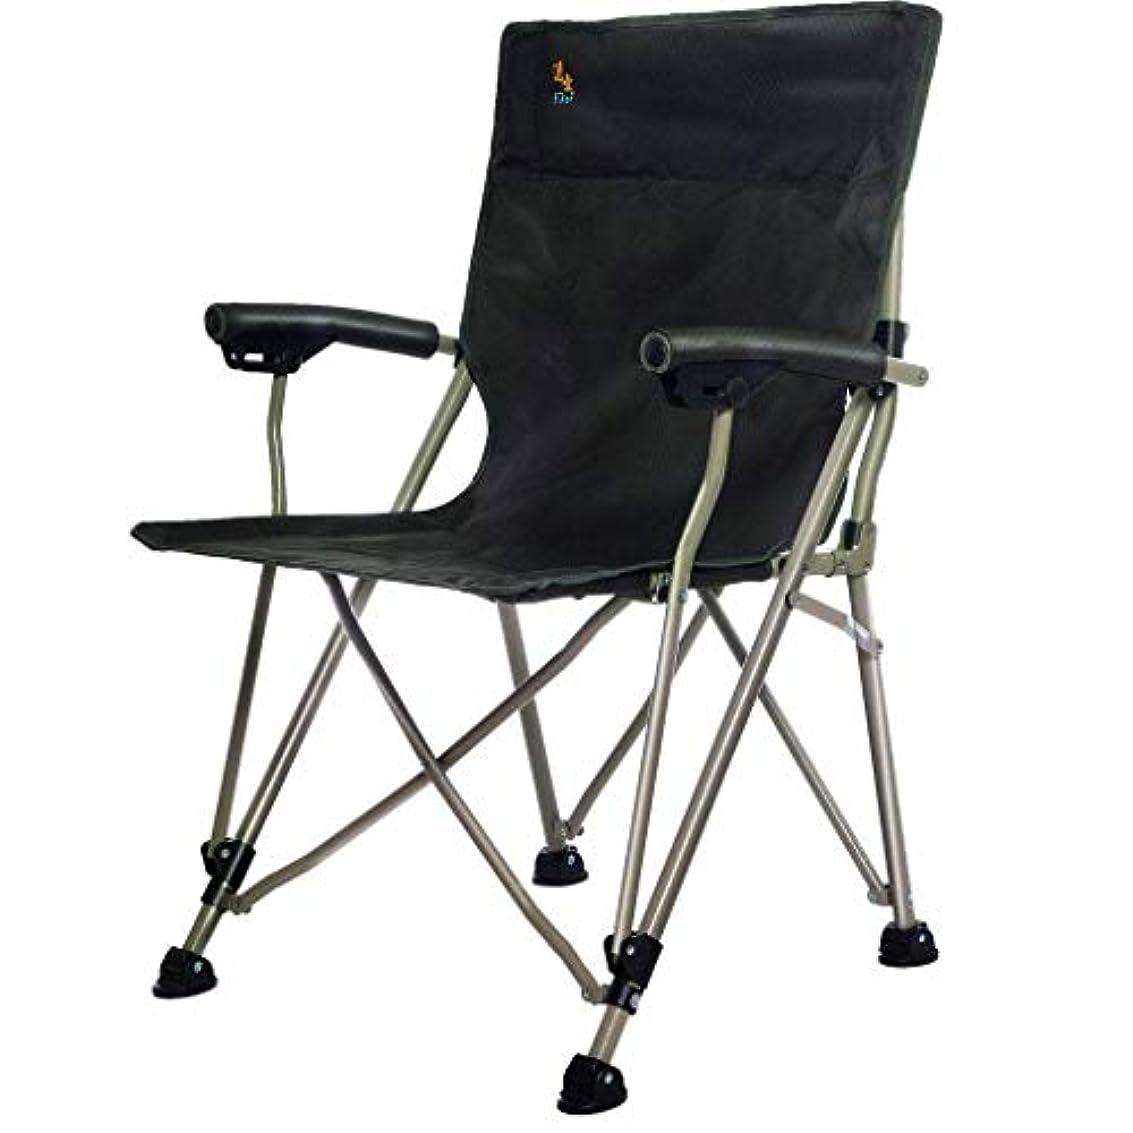 オーブンネックレット実現可能アウトドア キャンプ用チェア, 折りたたみ椅子釣り 超軽量 ポータブル 釣り 成人 レジャー 狩猟 旅行する 登山 ハイキング ピクニック バーベキュー